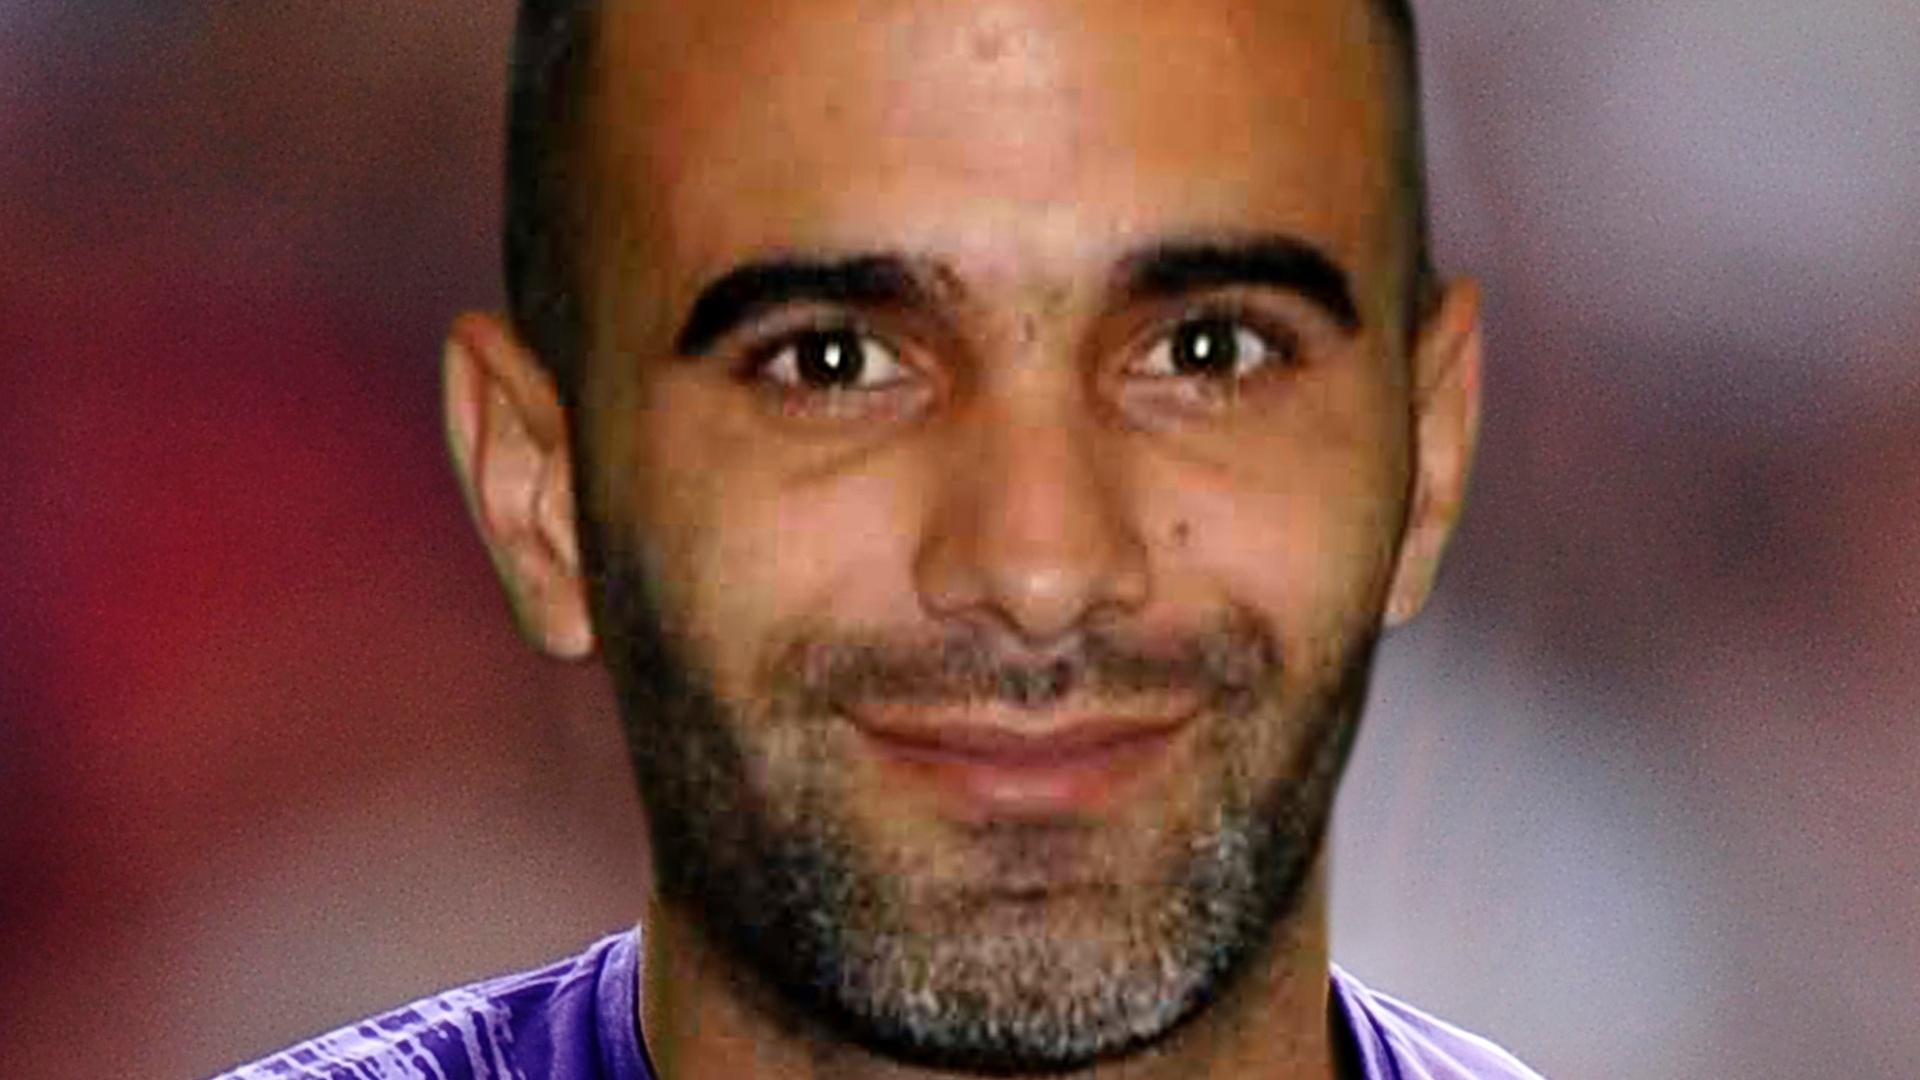 imguol.com/c/esporte/2014/05/27/cedric-si-mohamed-jogador-da-argelia-1401242568794_1920x1080.jpg